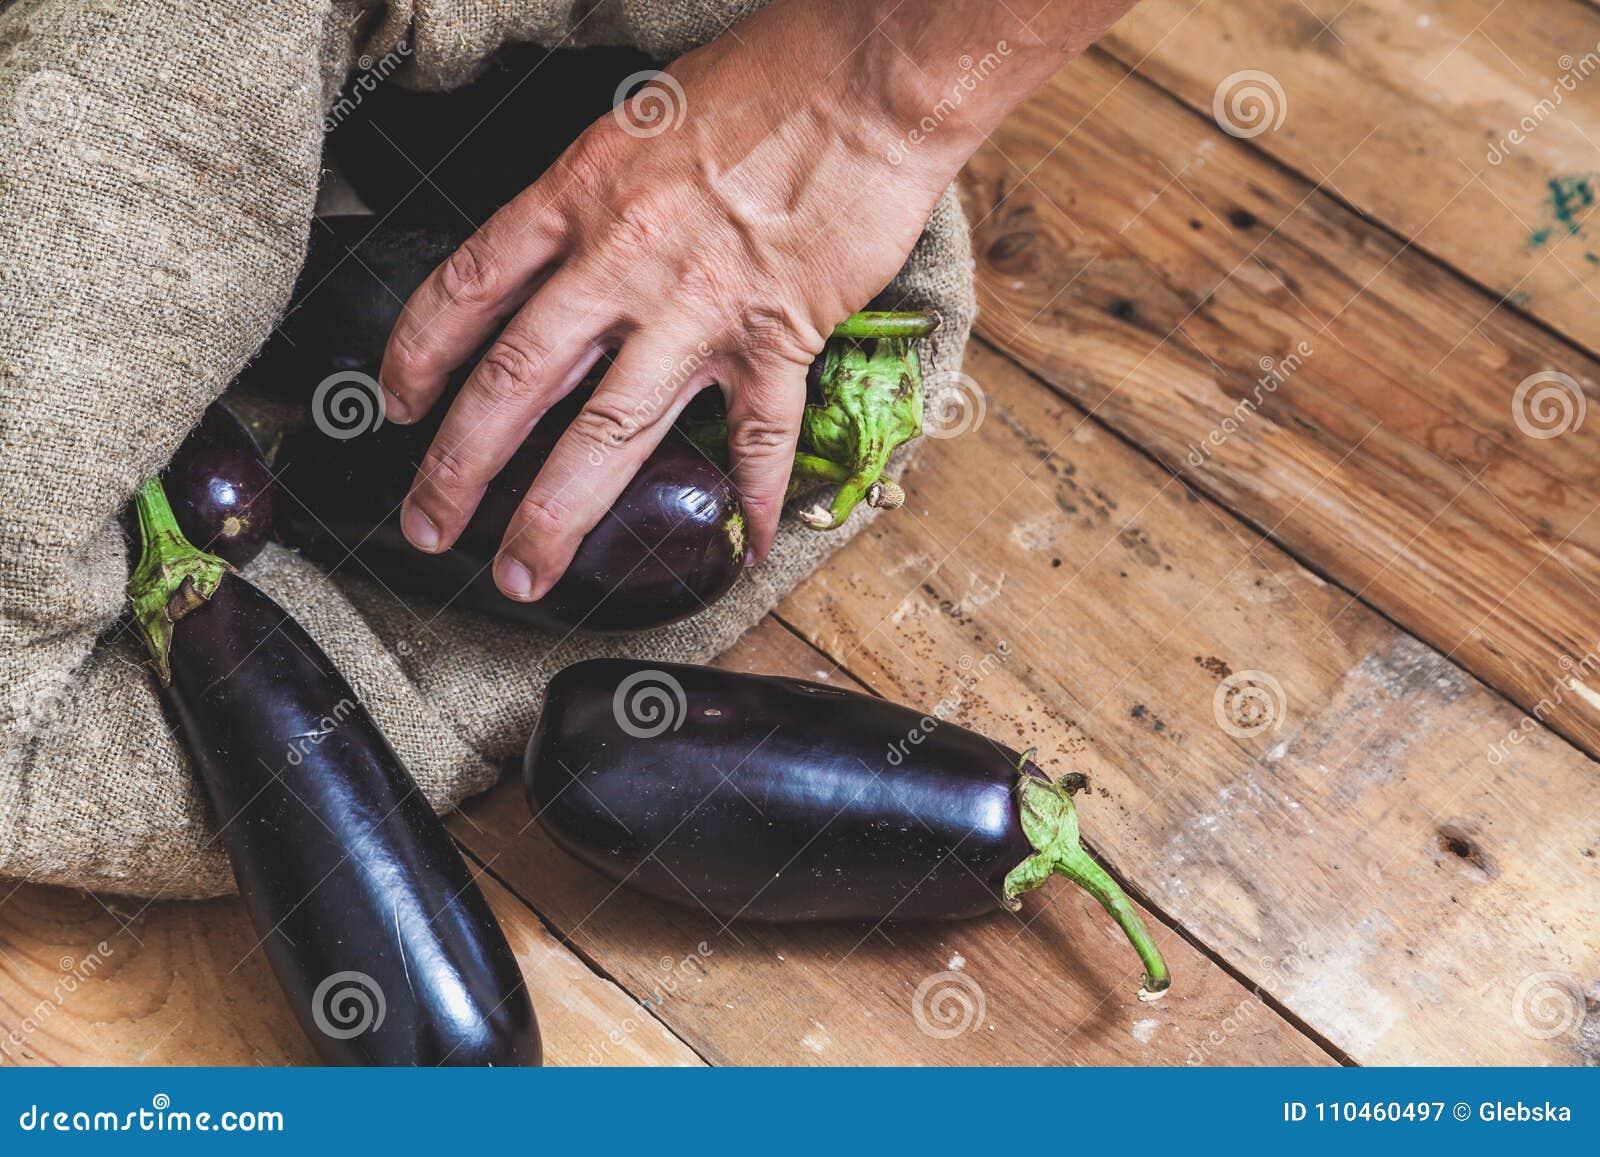 Handen tar aubergine från påse på träbräden